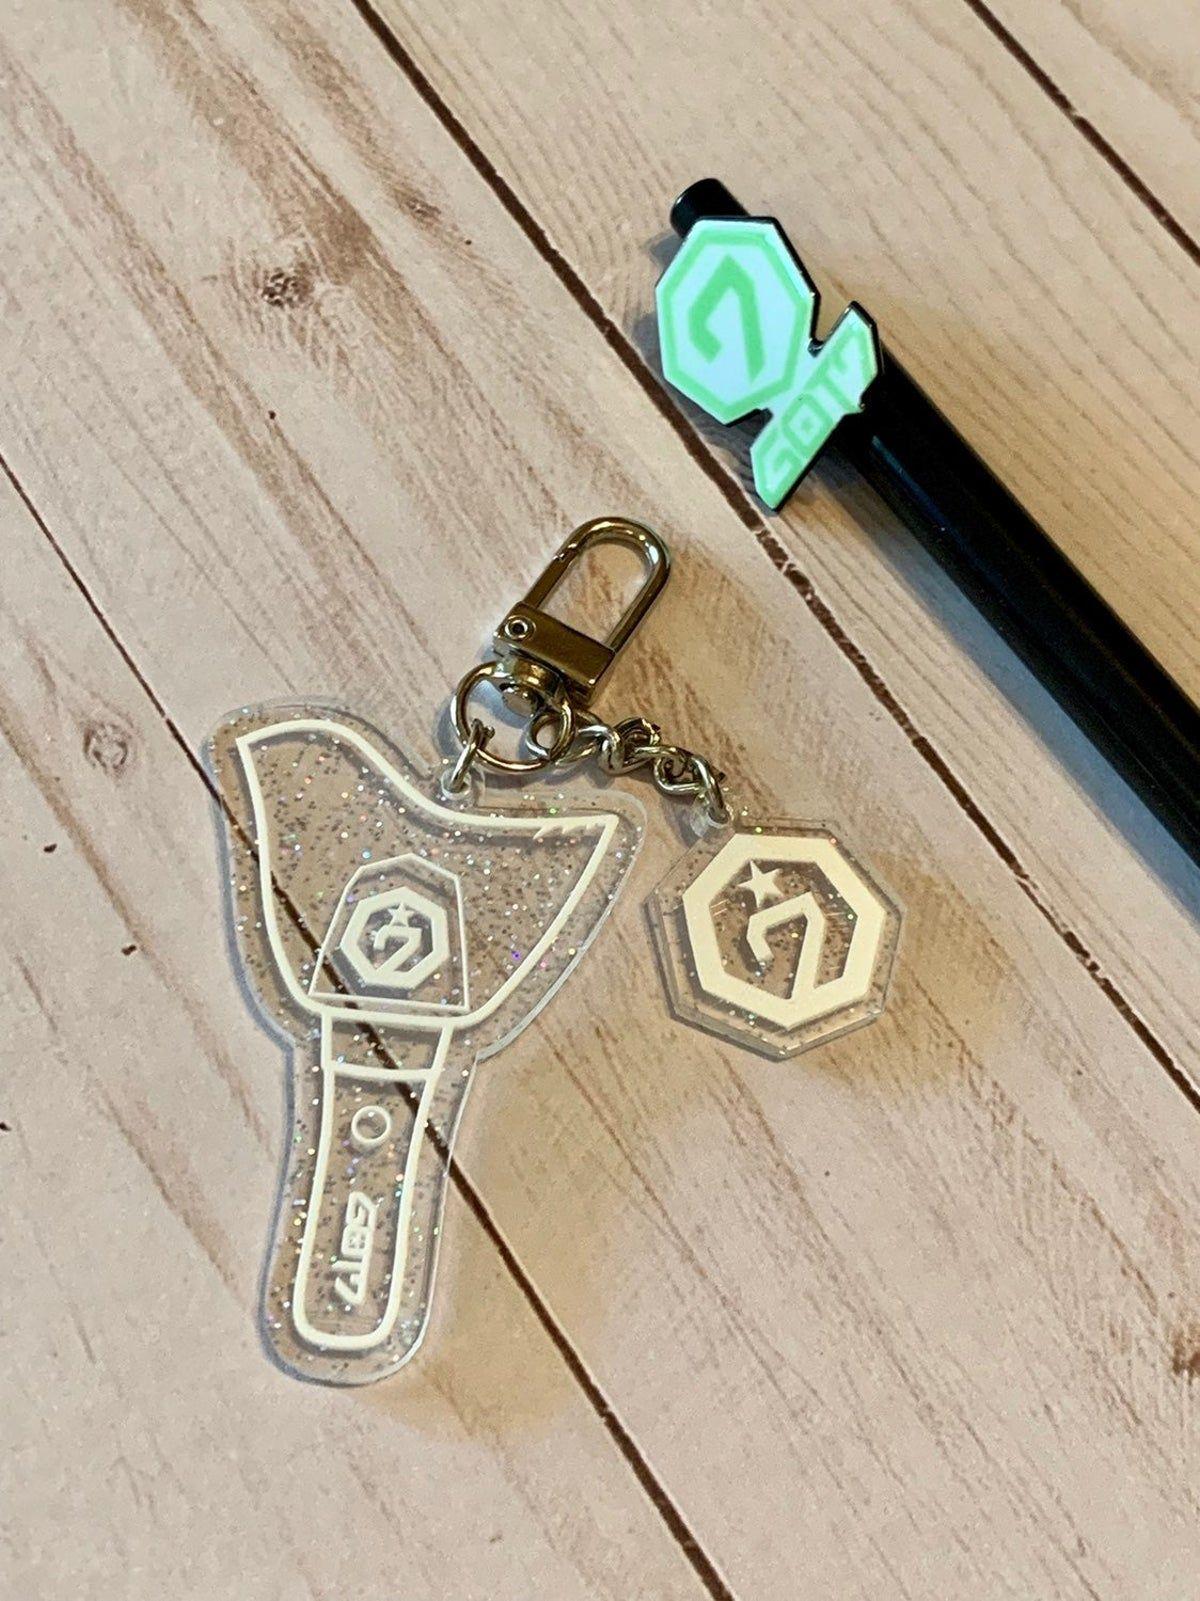 got7 keychain by Sarah alnokta